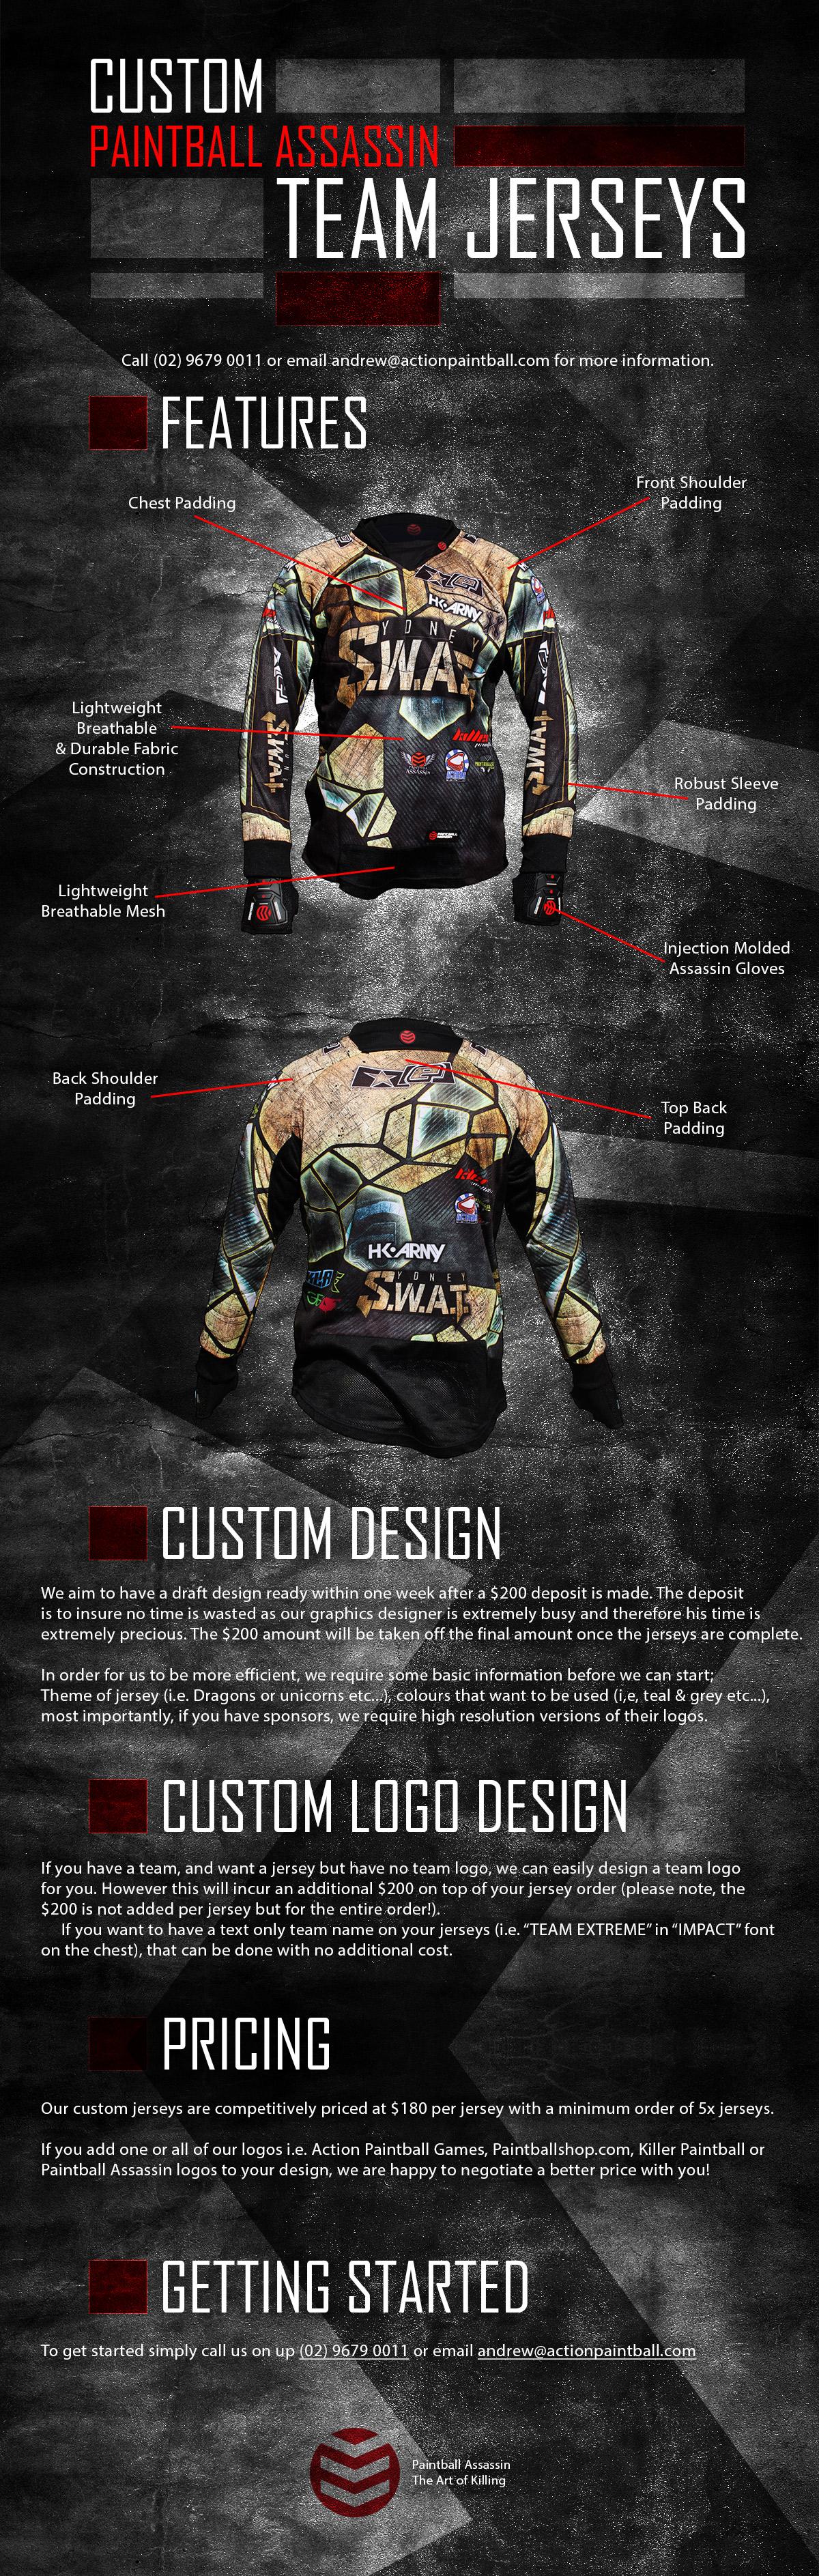 assassin-custom-jerseys-v2.jpg